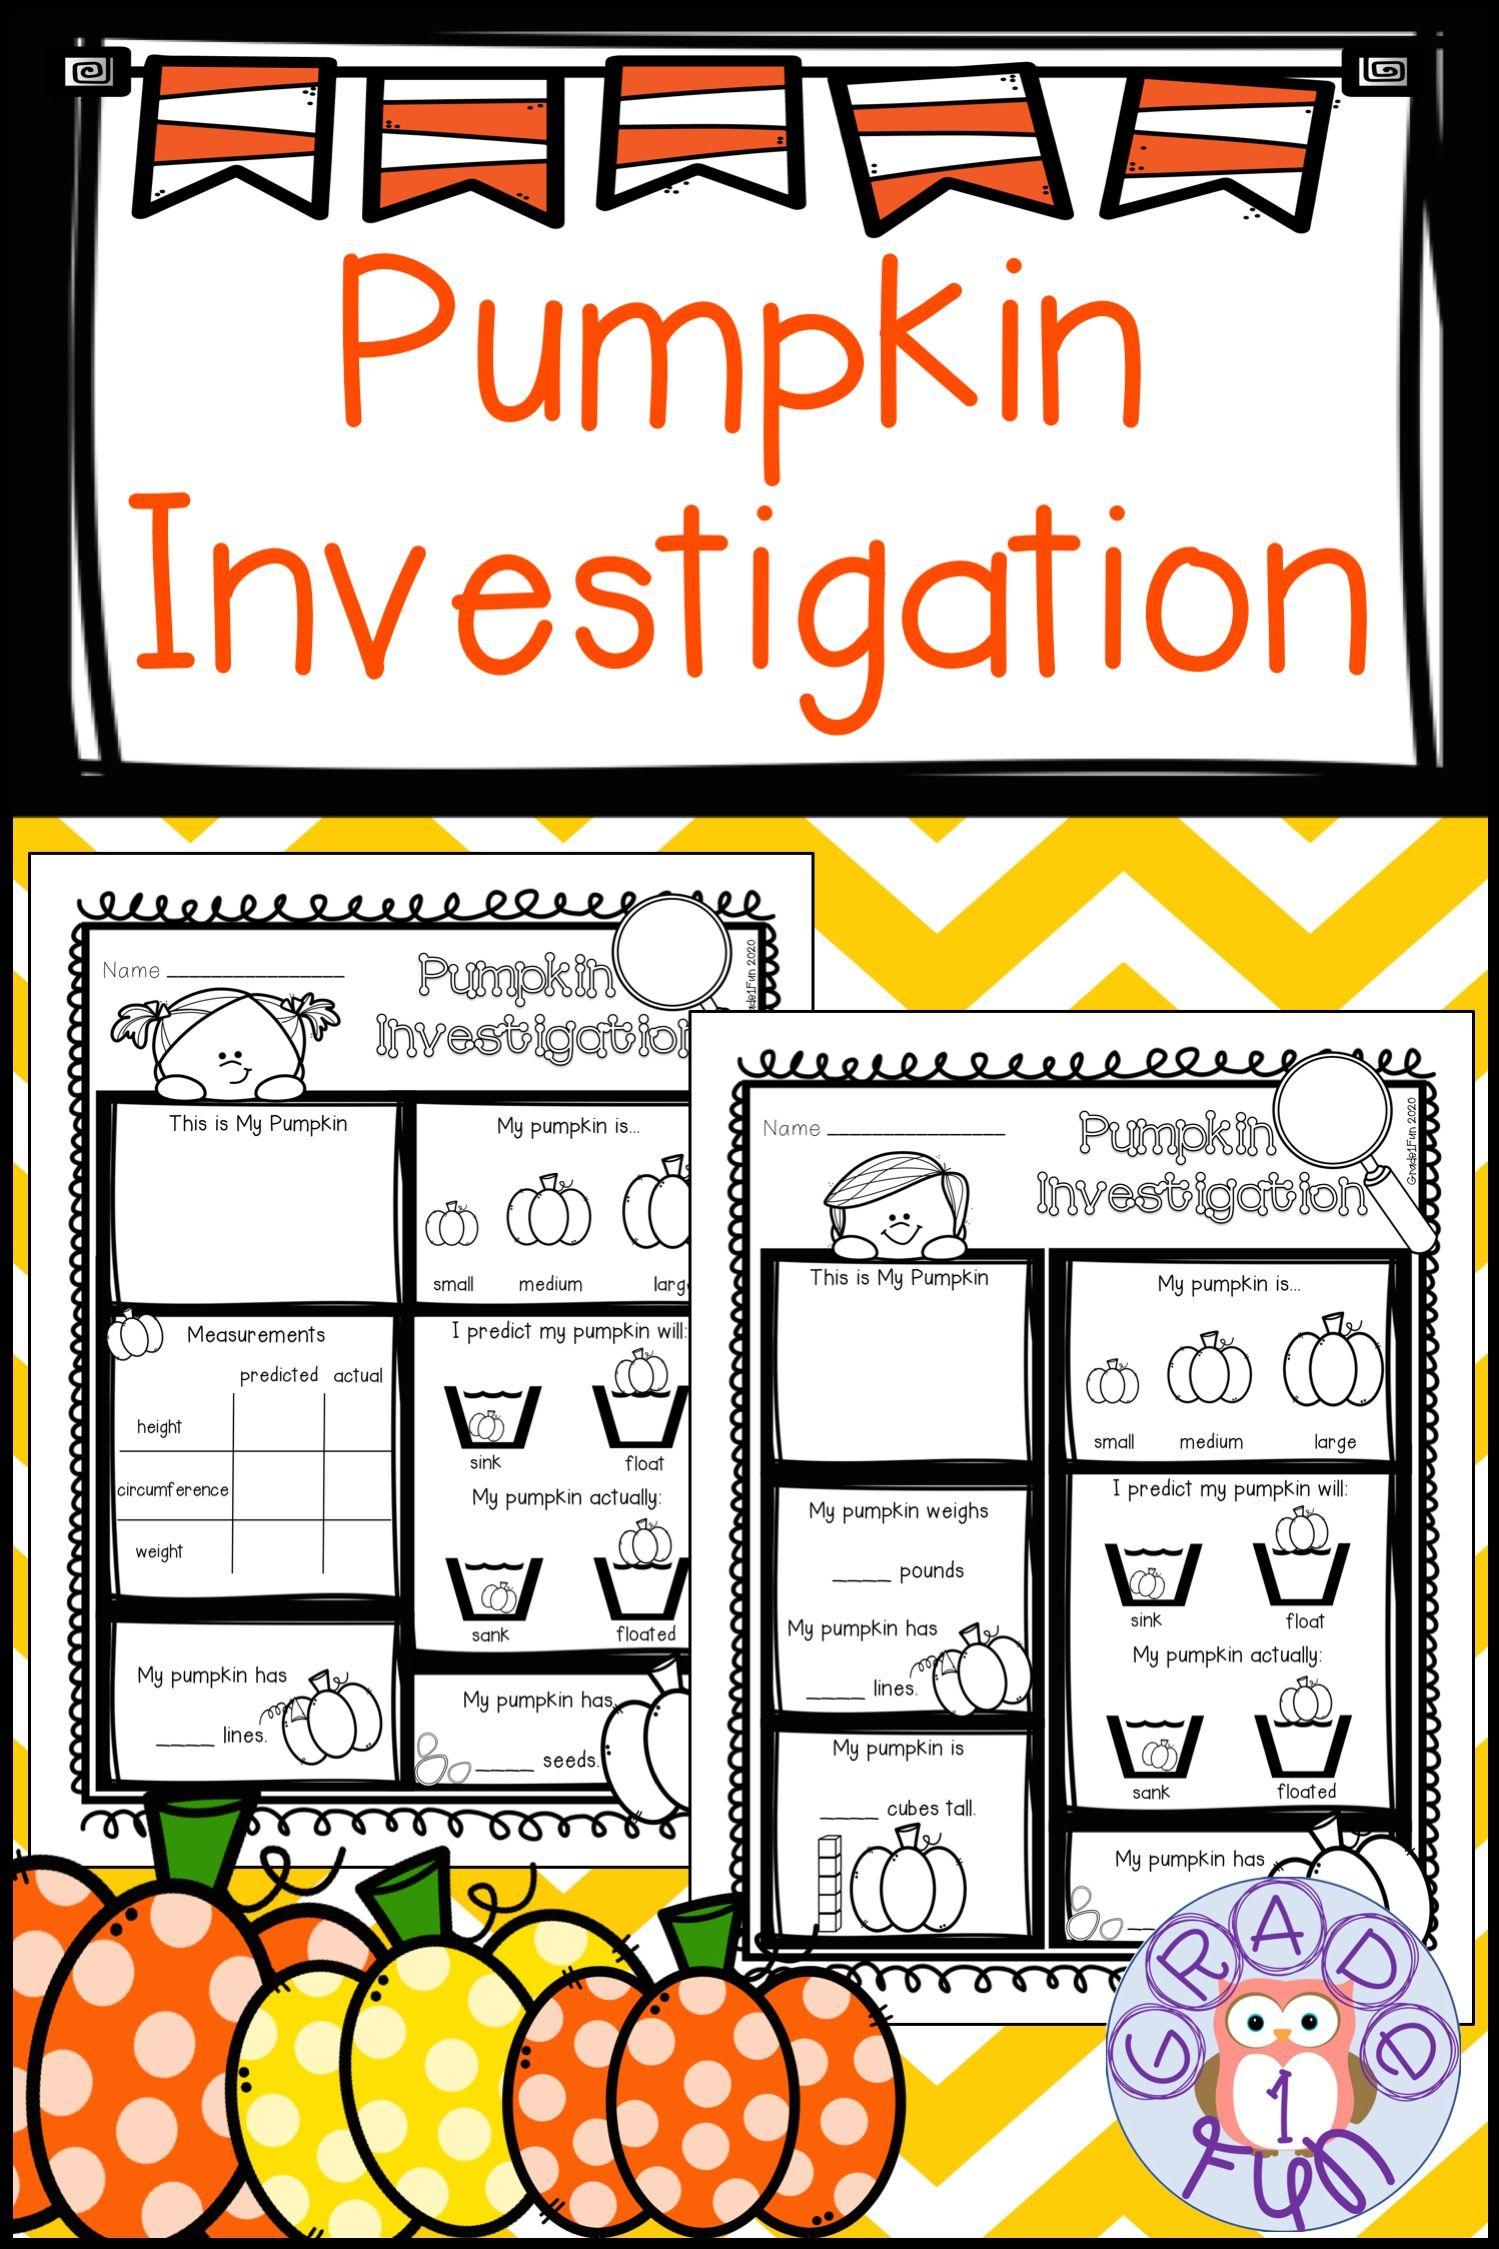 Pumpkin Investigation Sheet Science Skills Elementary Math Kindergarten Resources [ 2249 x 1499 Pixel ]